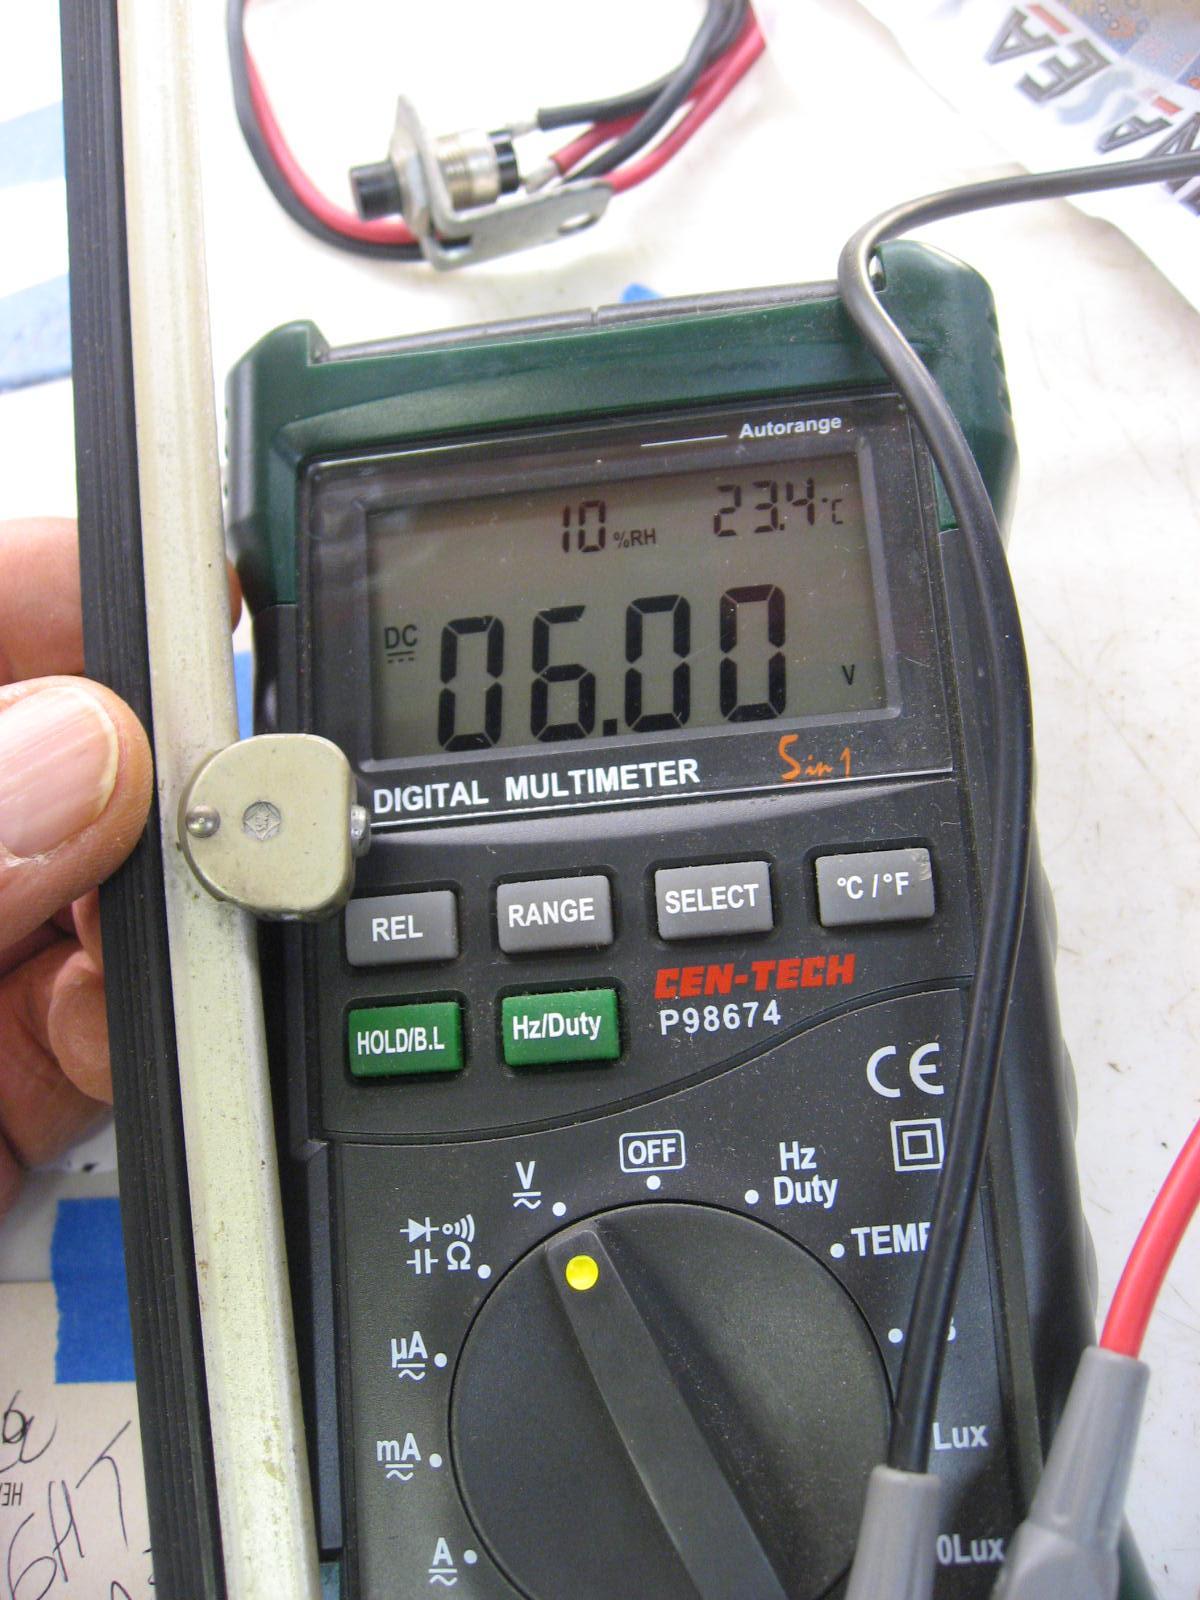 12 volt to 6 volt convertor